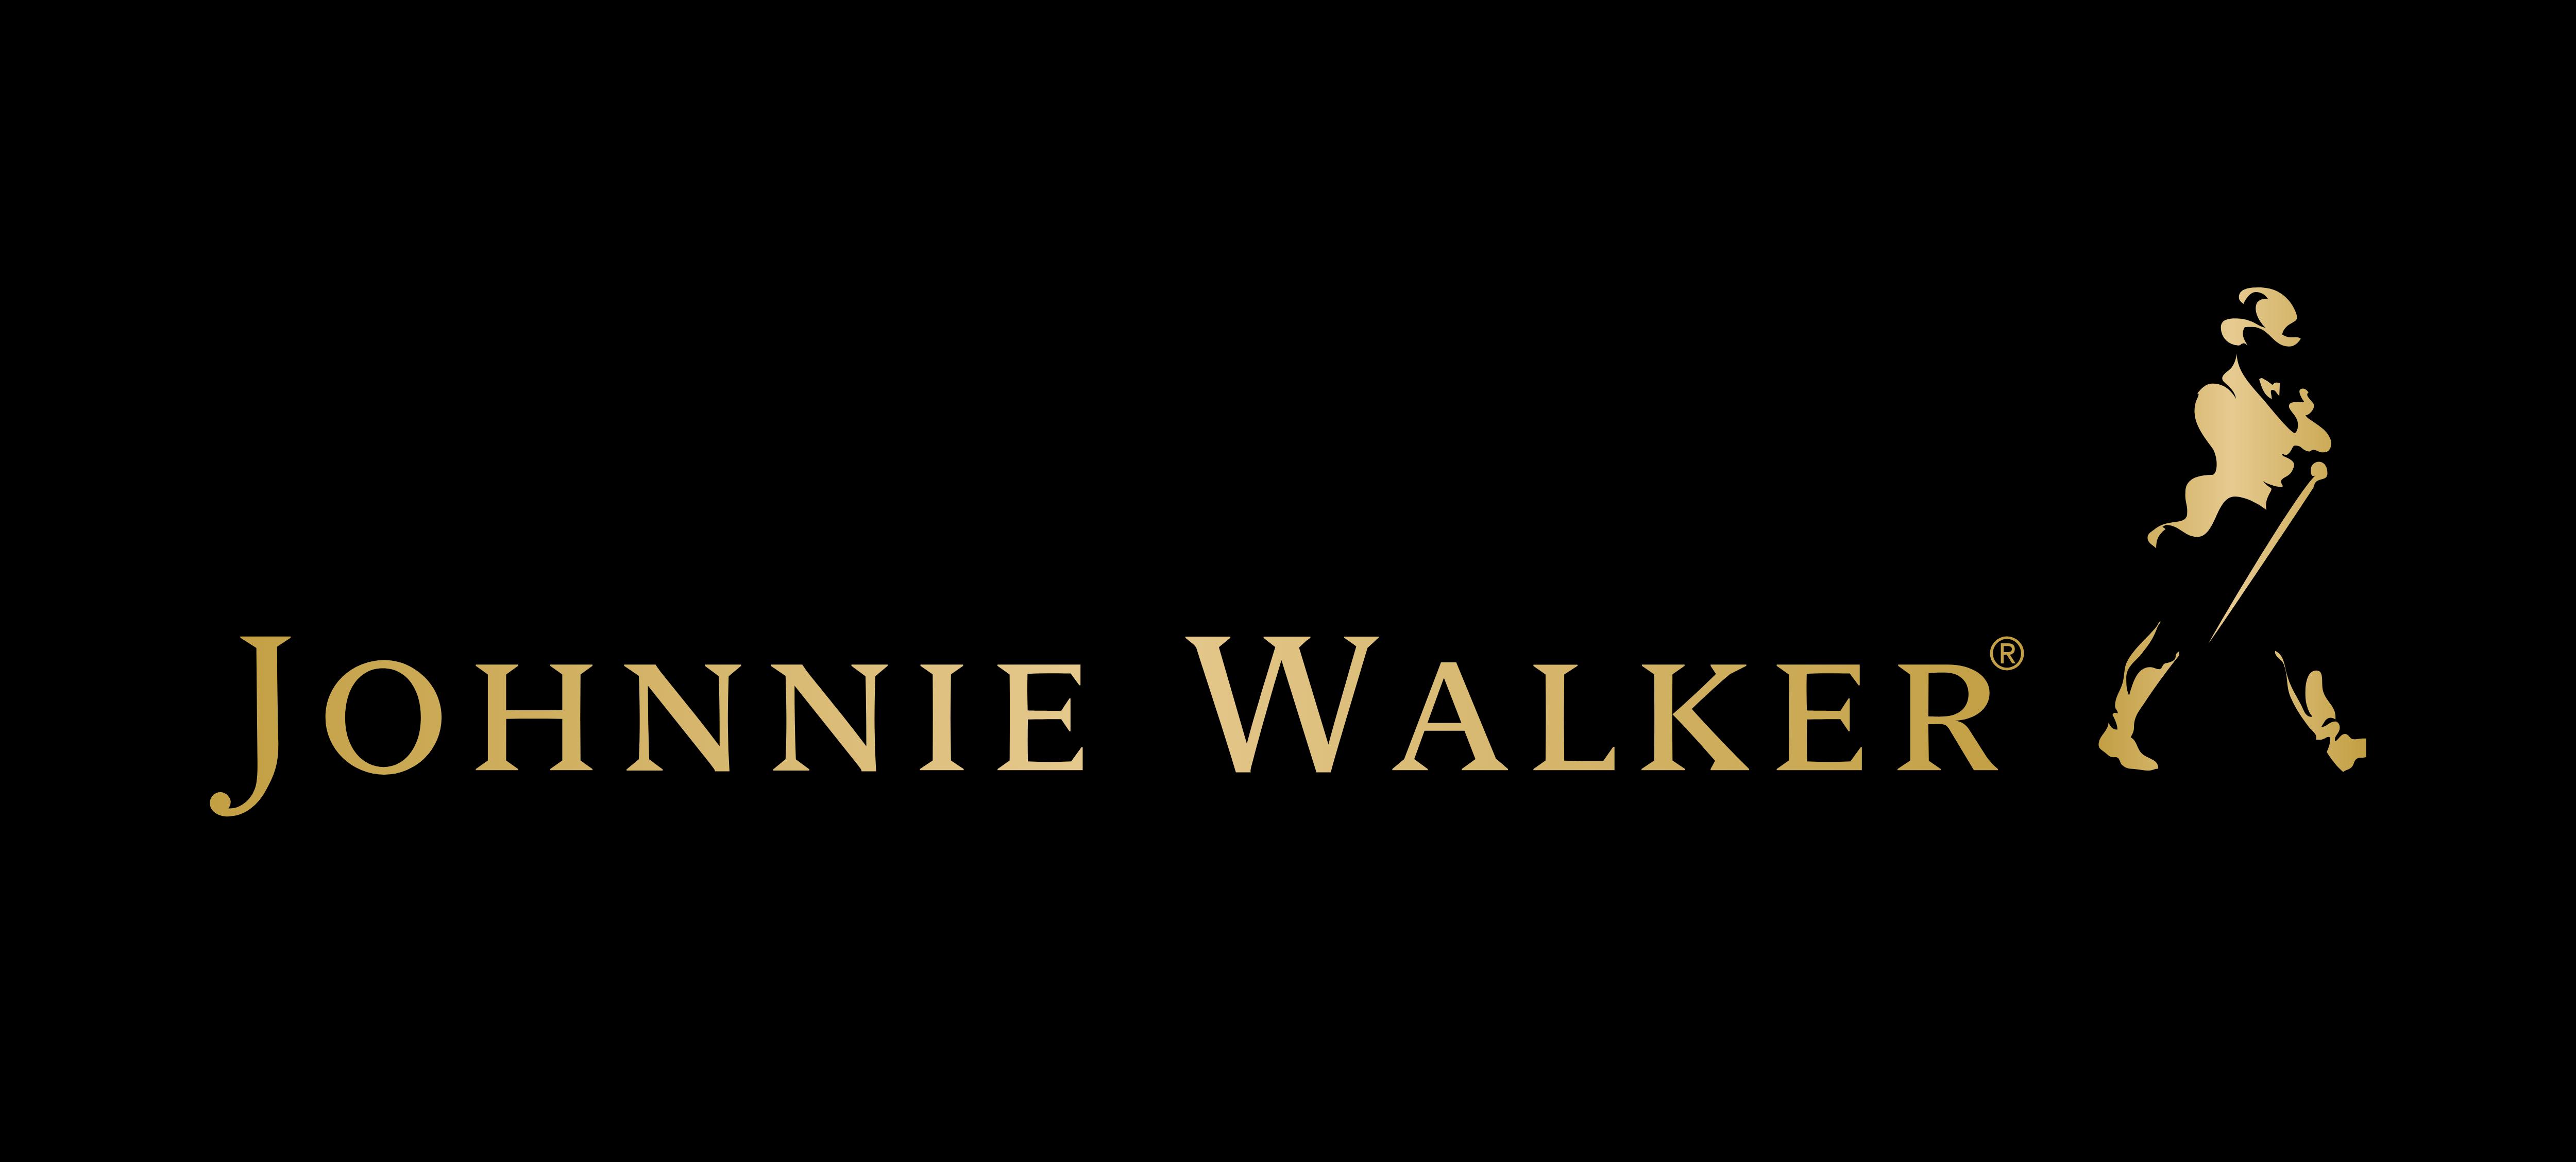 Johnnie walker logo hd wallpapers